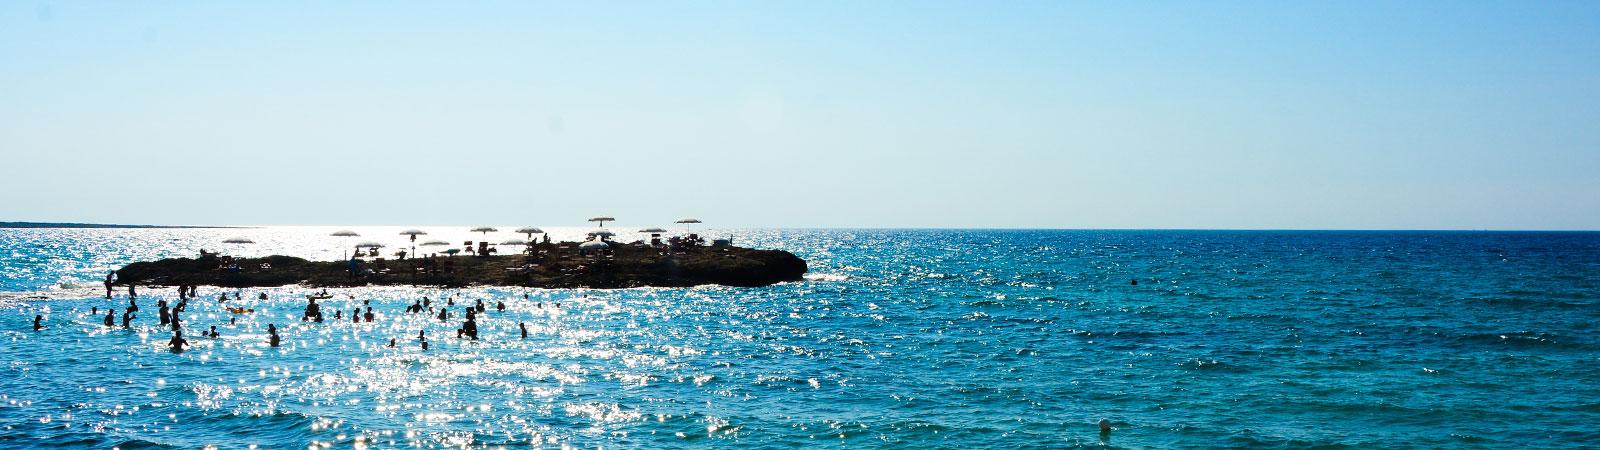 Giornata a Punta della Suina - Salento